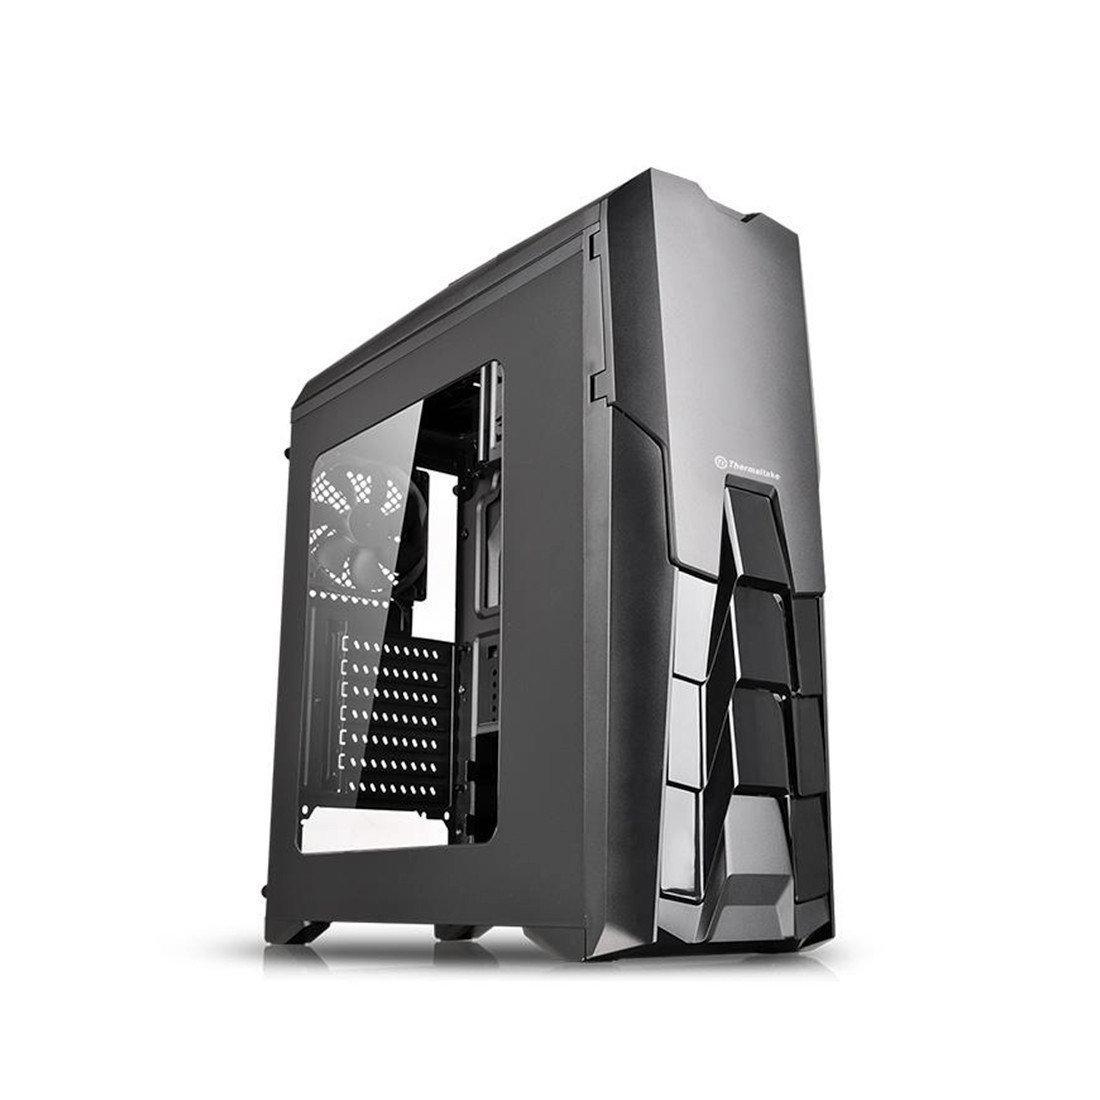 Системный блок Intel Pentium G5400 3.7 GHZ/H310/DDR4 4GB/HDD 500GB/DVD/450W